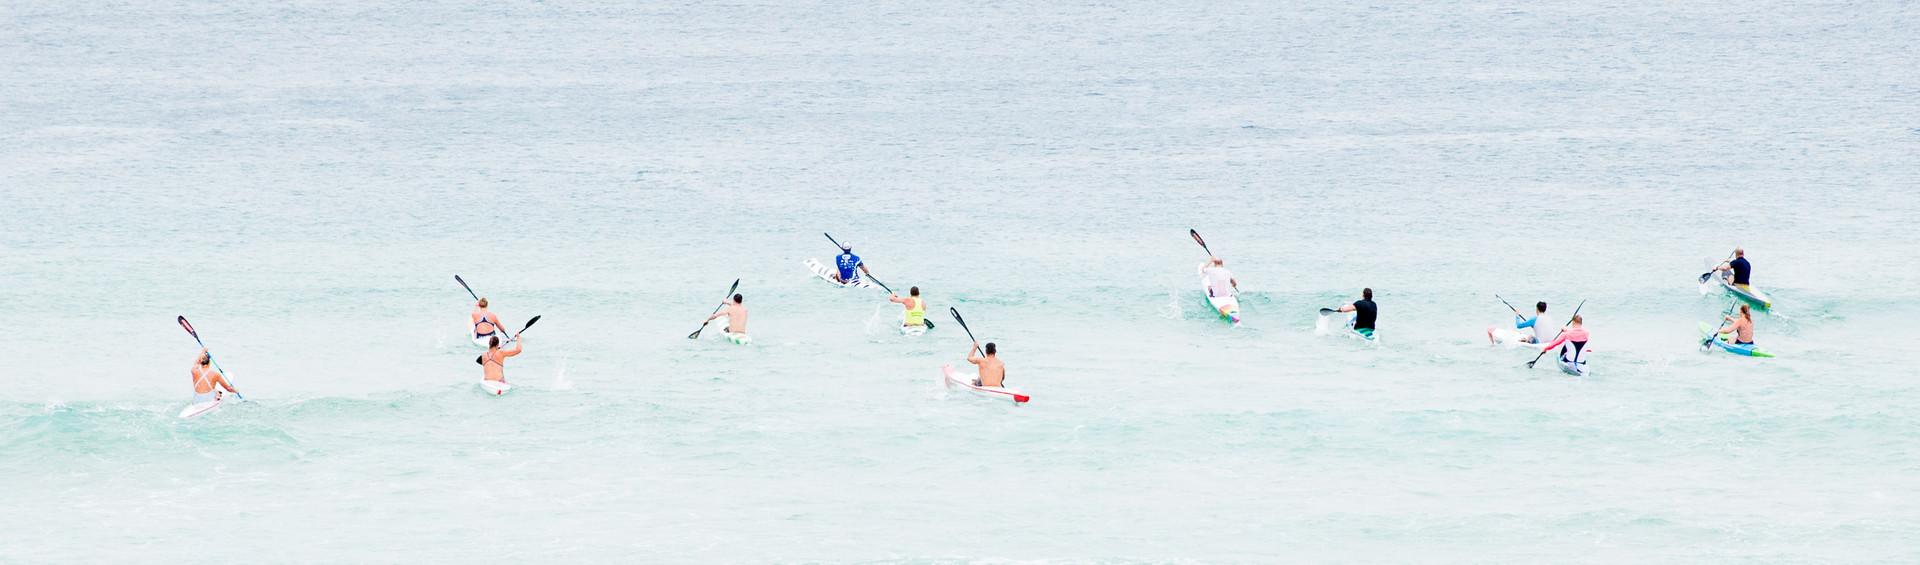 kayaks dot the water, Bondi